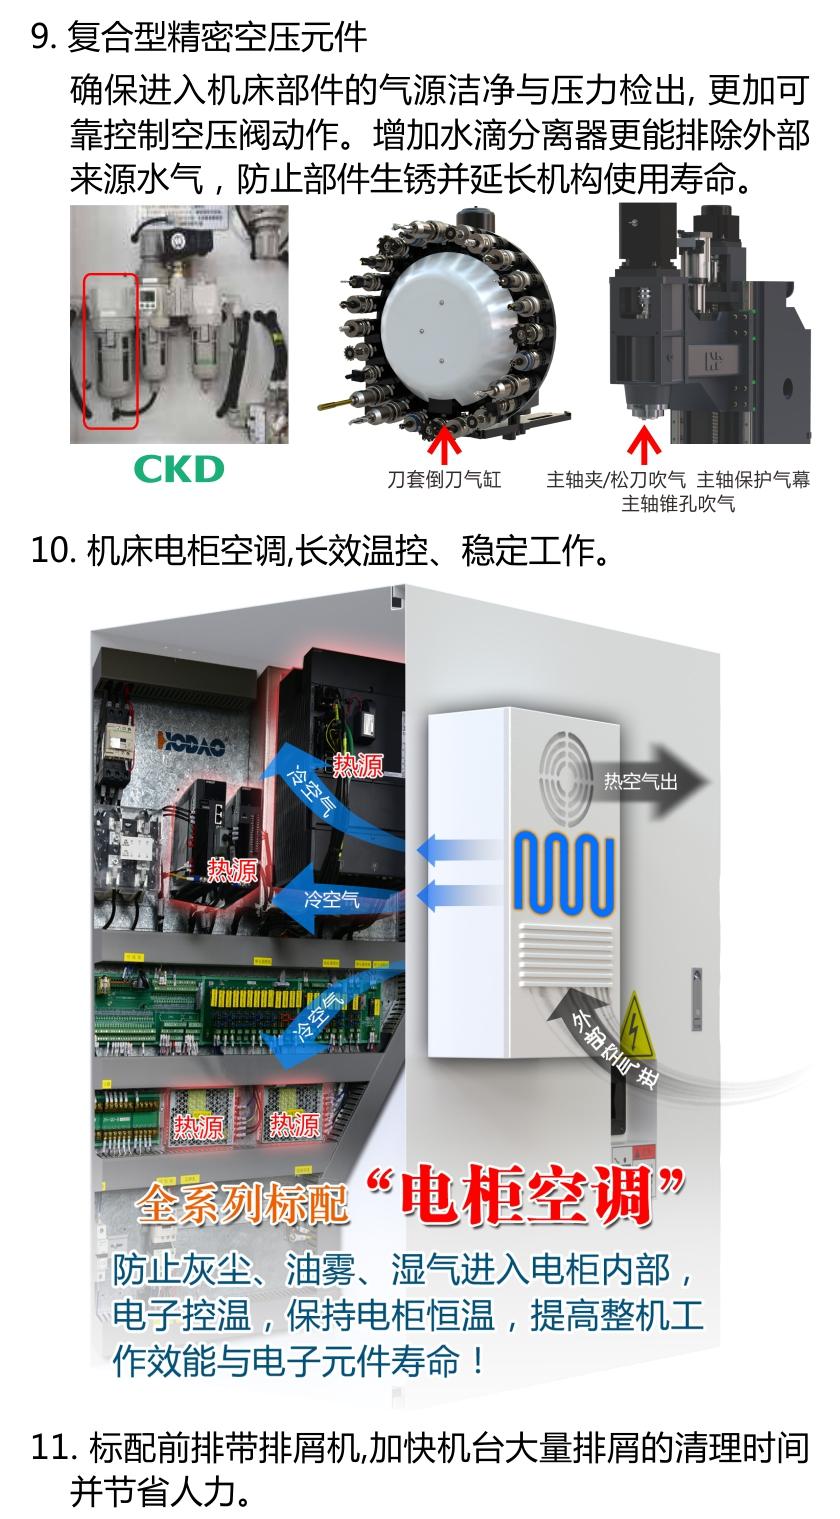 HD-V169L 大行程两线一硬立加